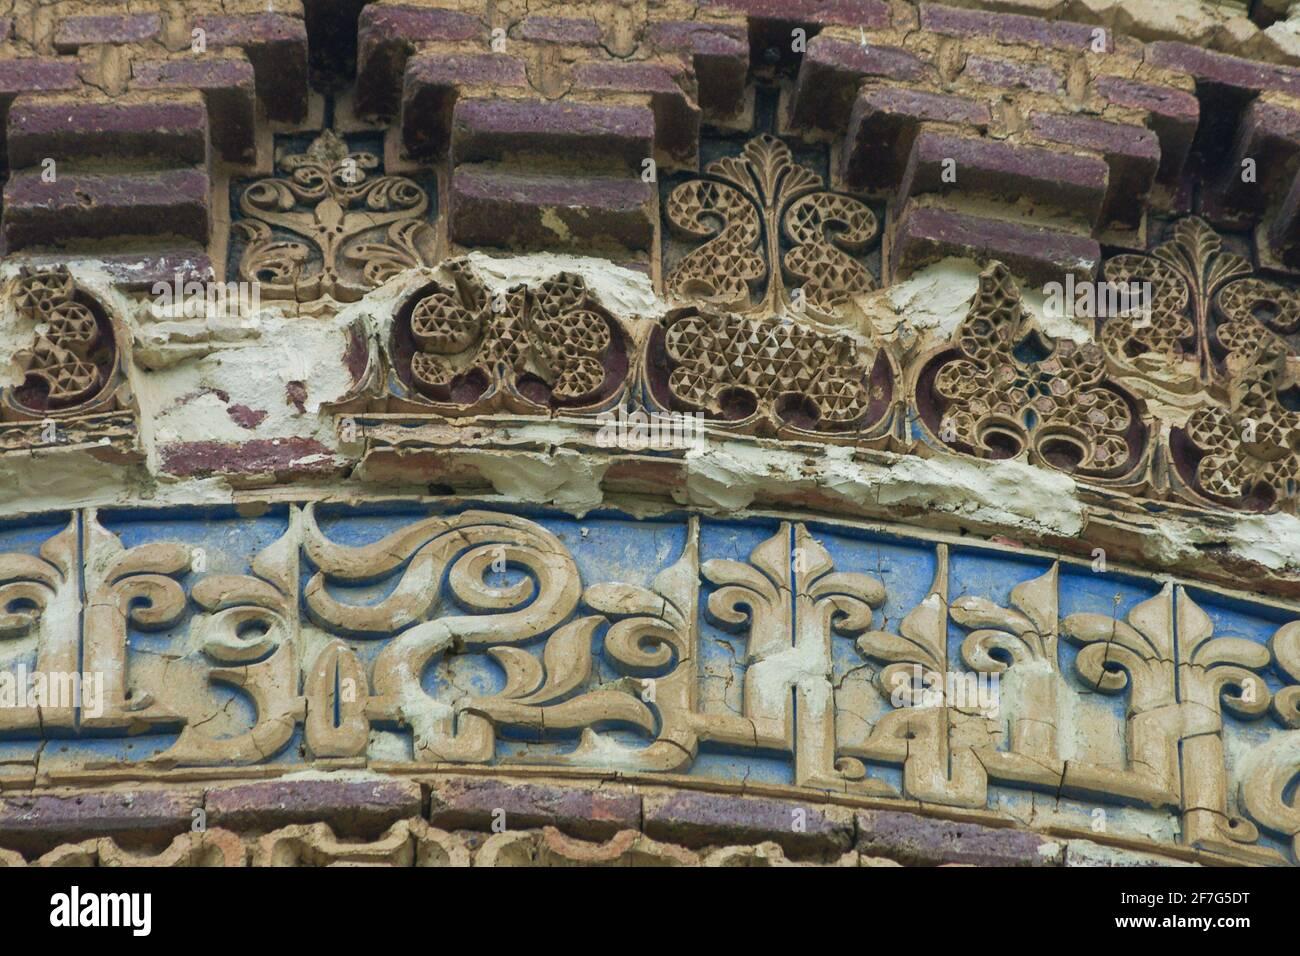 Detalle de inscripciones de estuco Kufic, Resget, torre de la tumba, Mazanderan, Irán Foto de stock